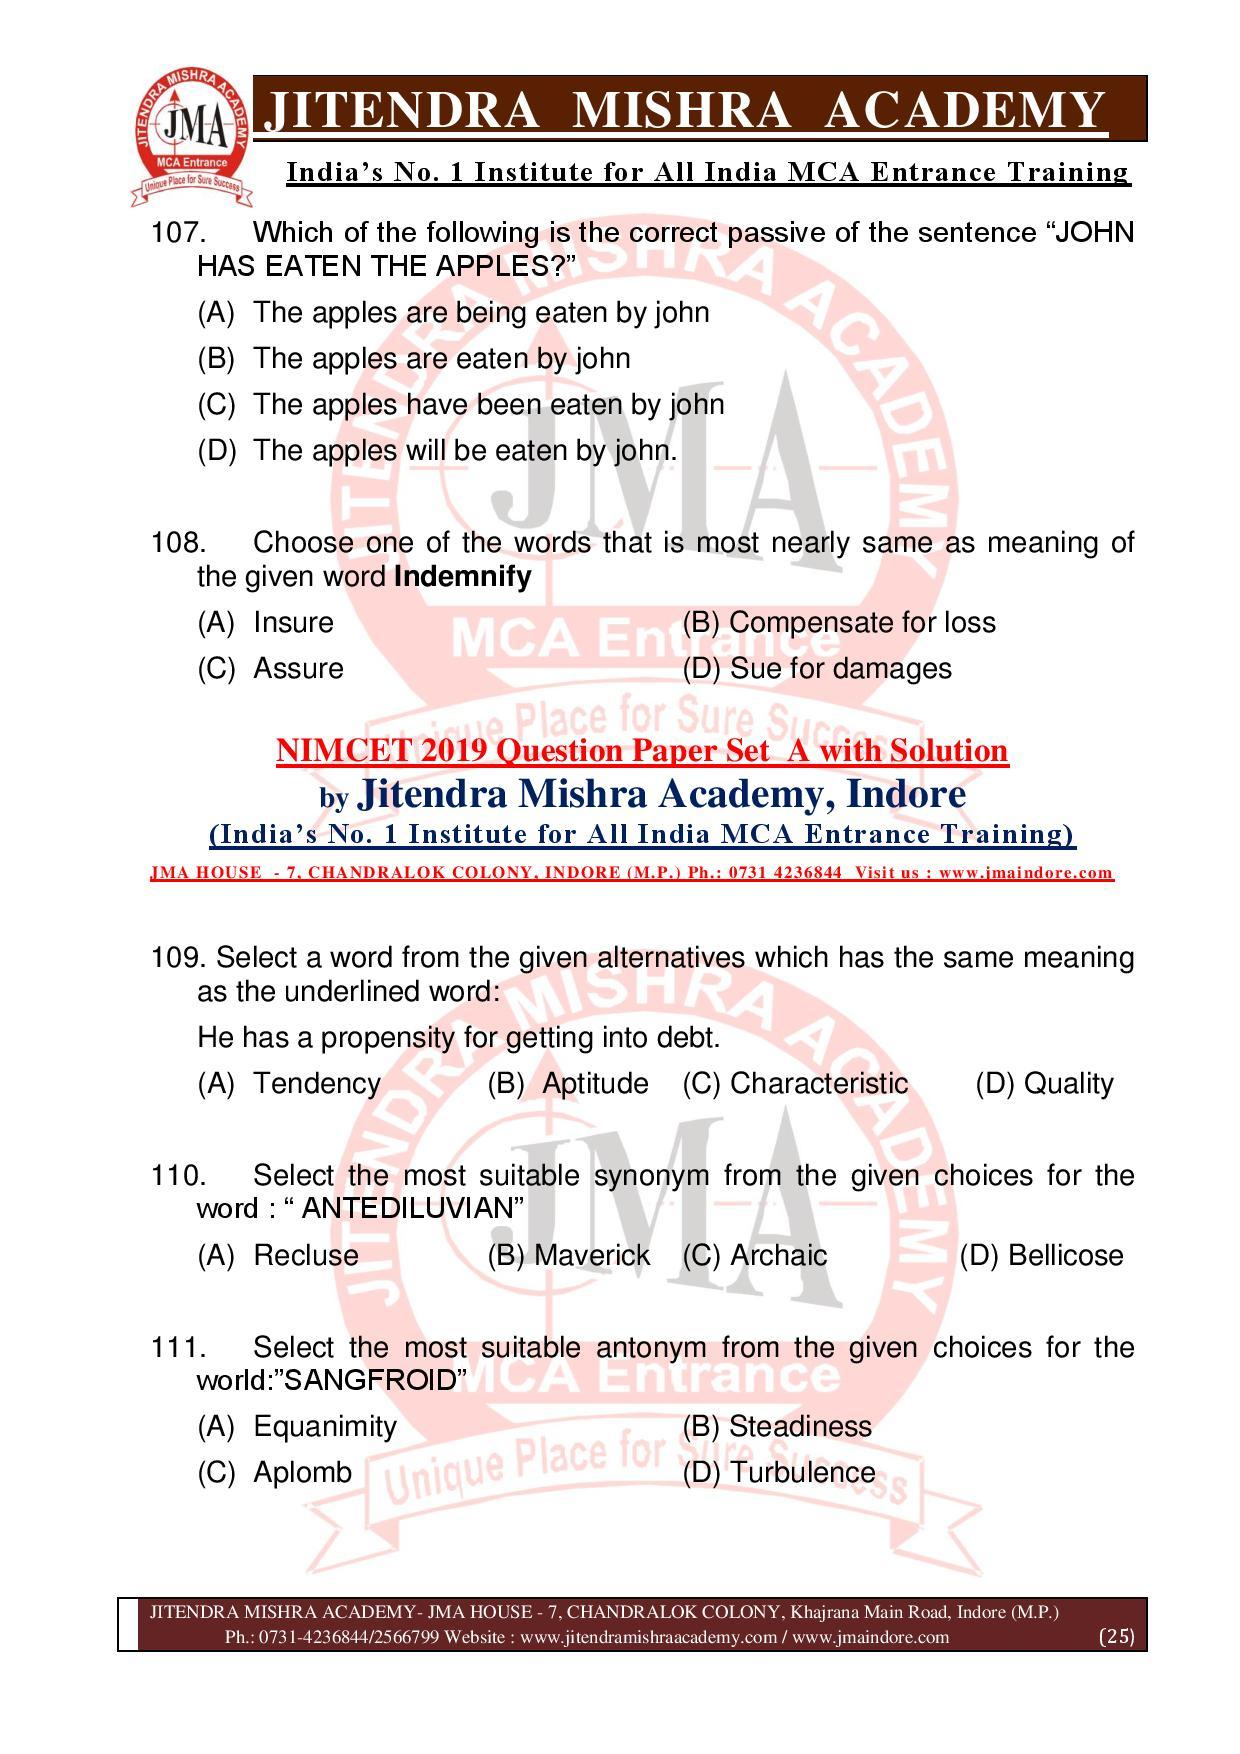 NIMCET 2019 QUESTION PAPER (SET - A) final-page-025